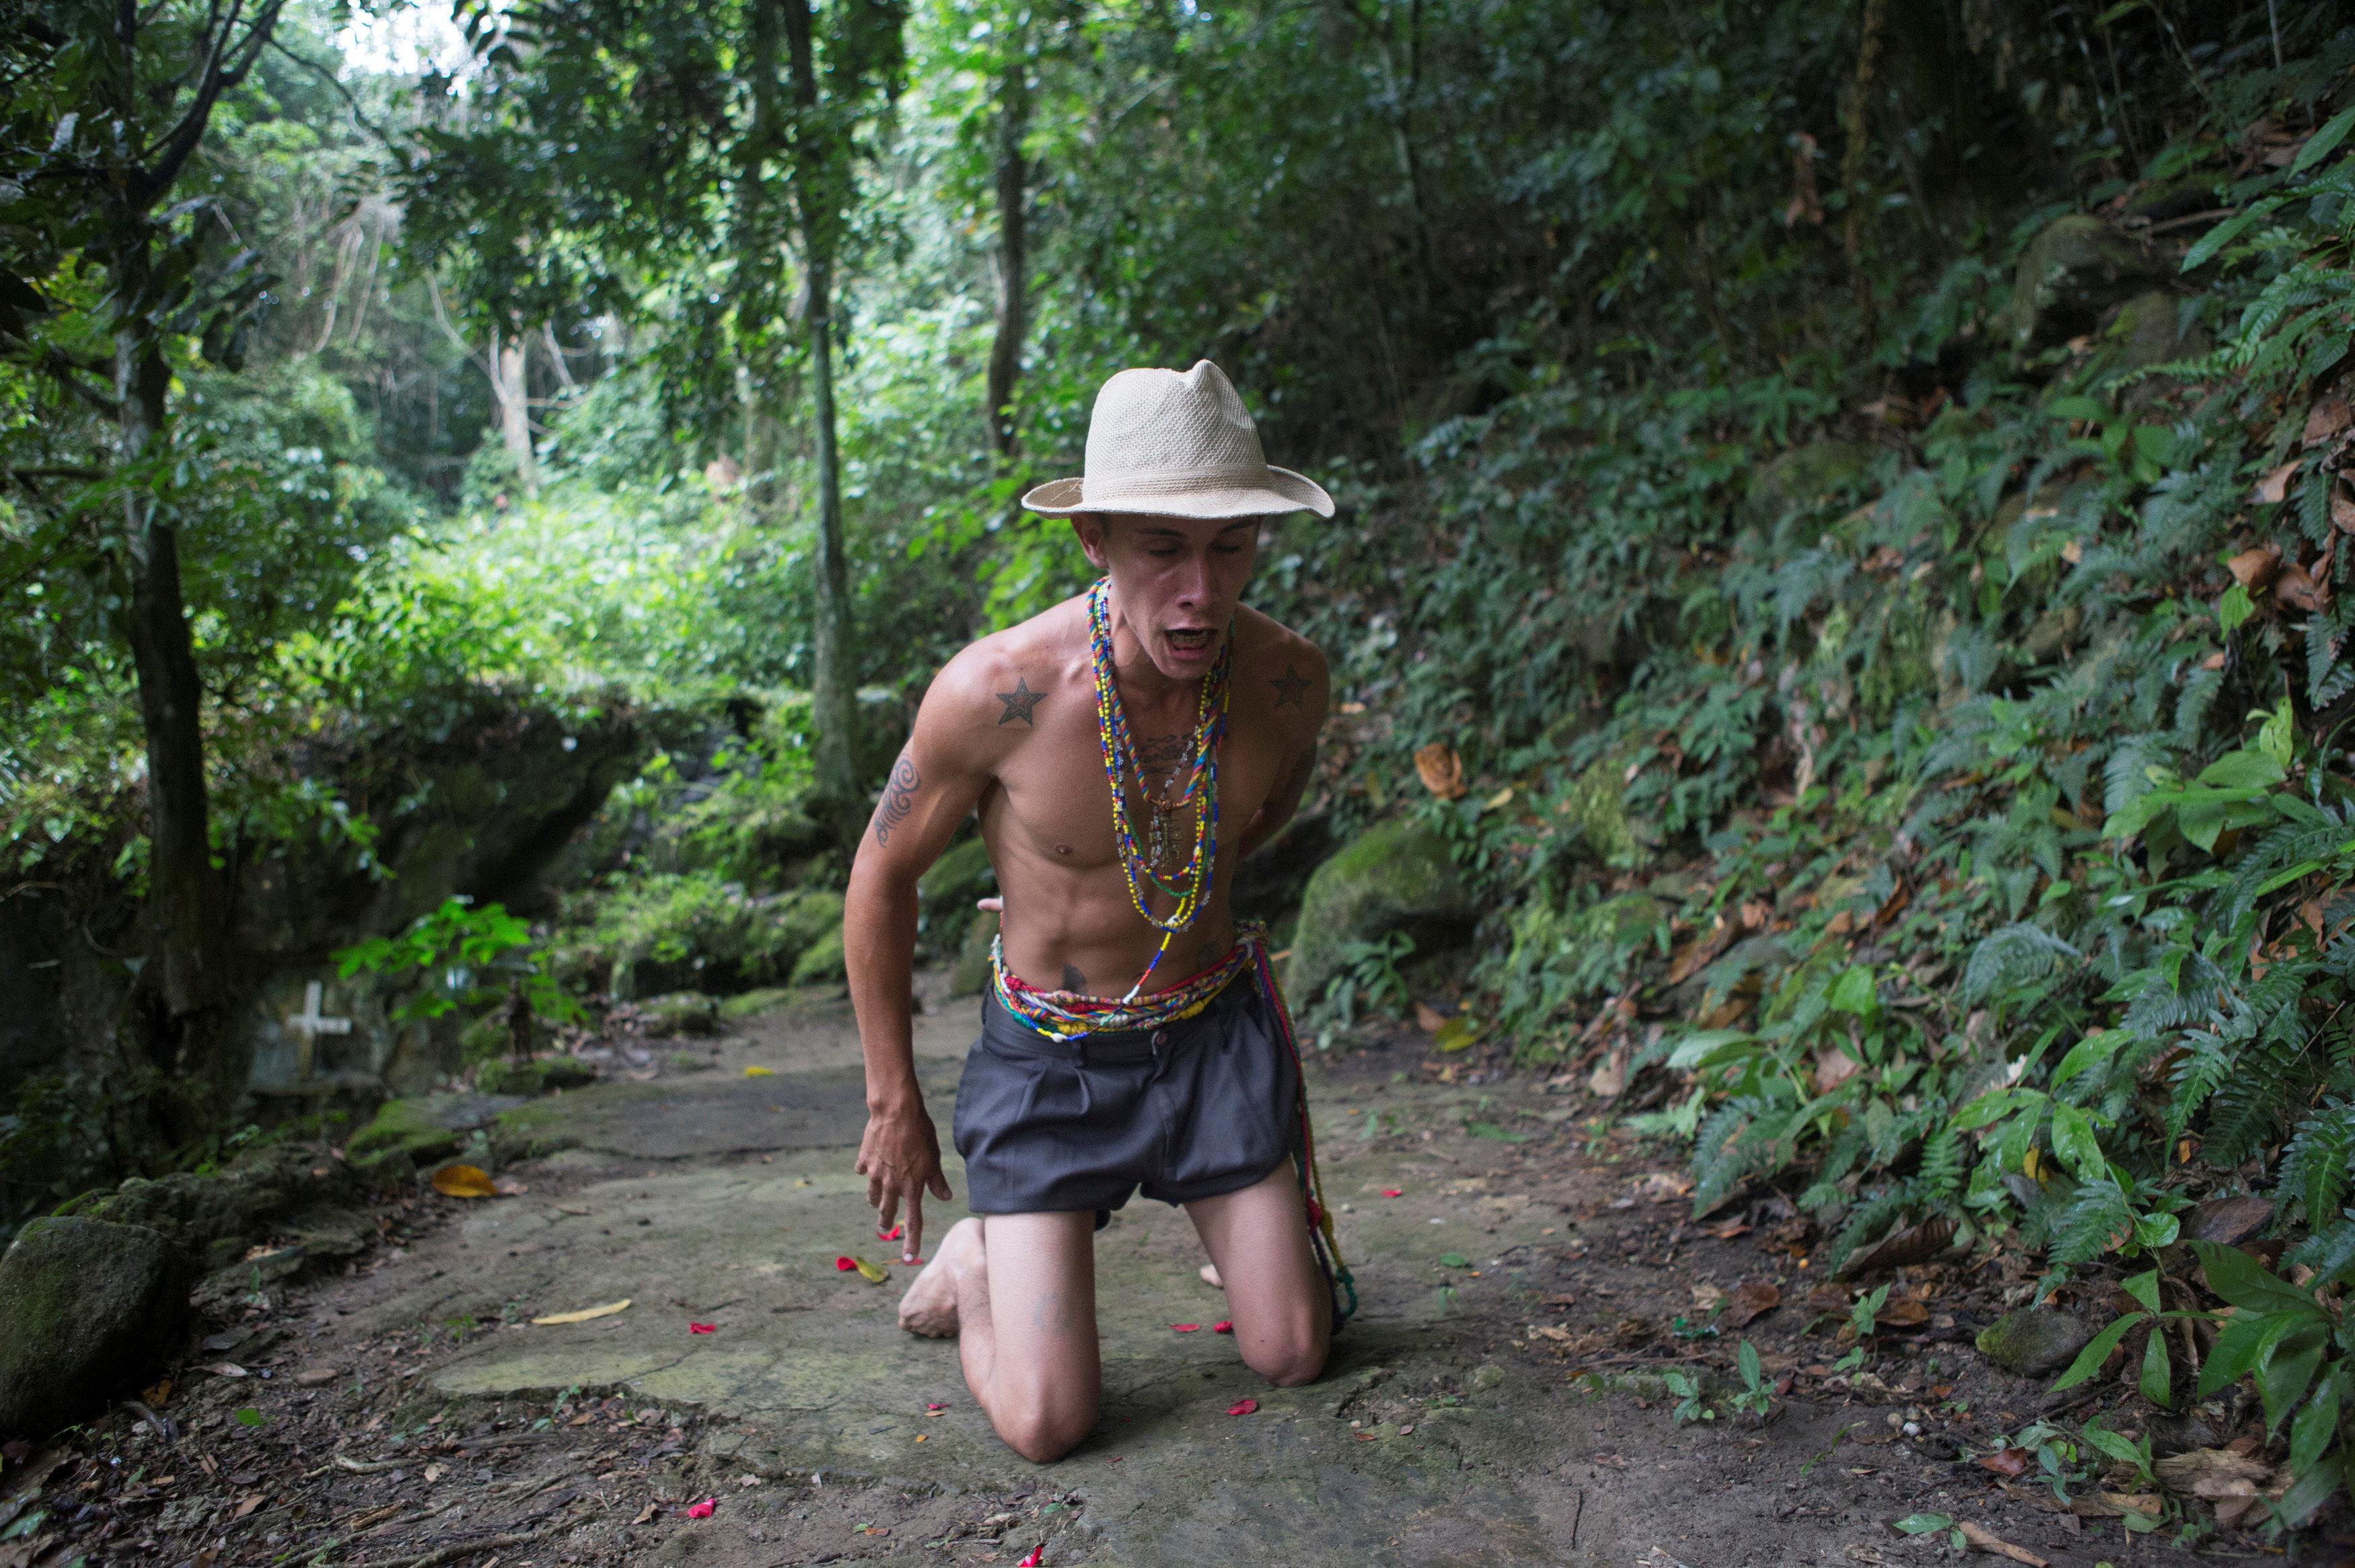 Algunos peregrinos hacen una parte del camino hacia la diosa de rodillas